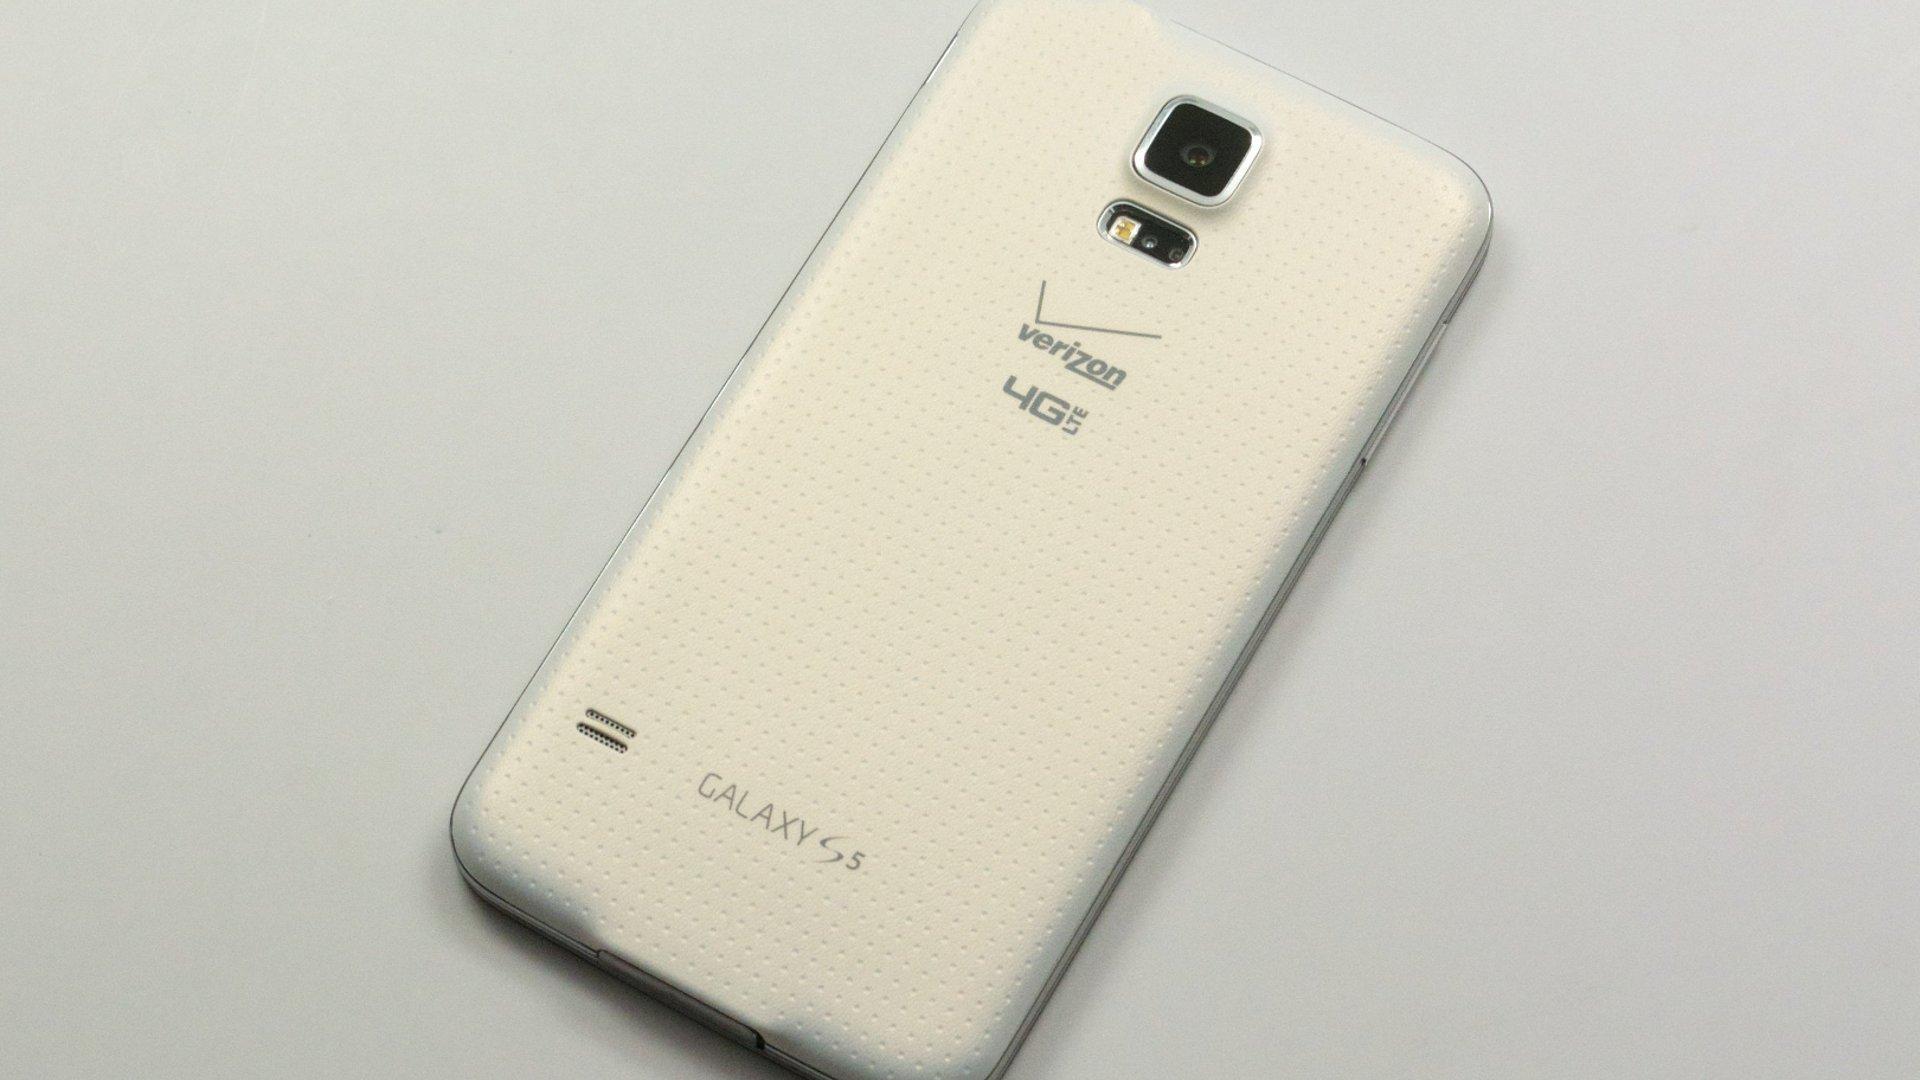 Samsung Galaxy S5 (Verizon)